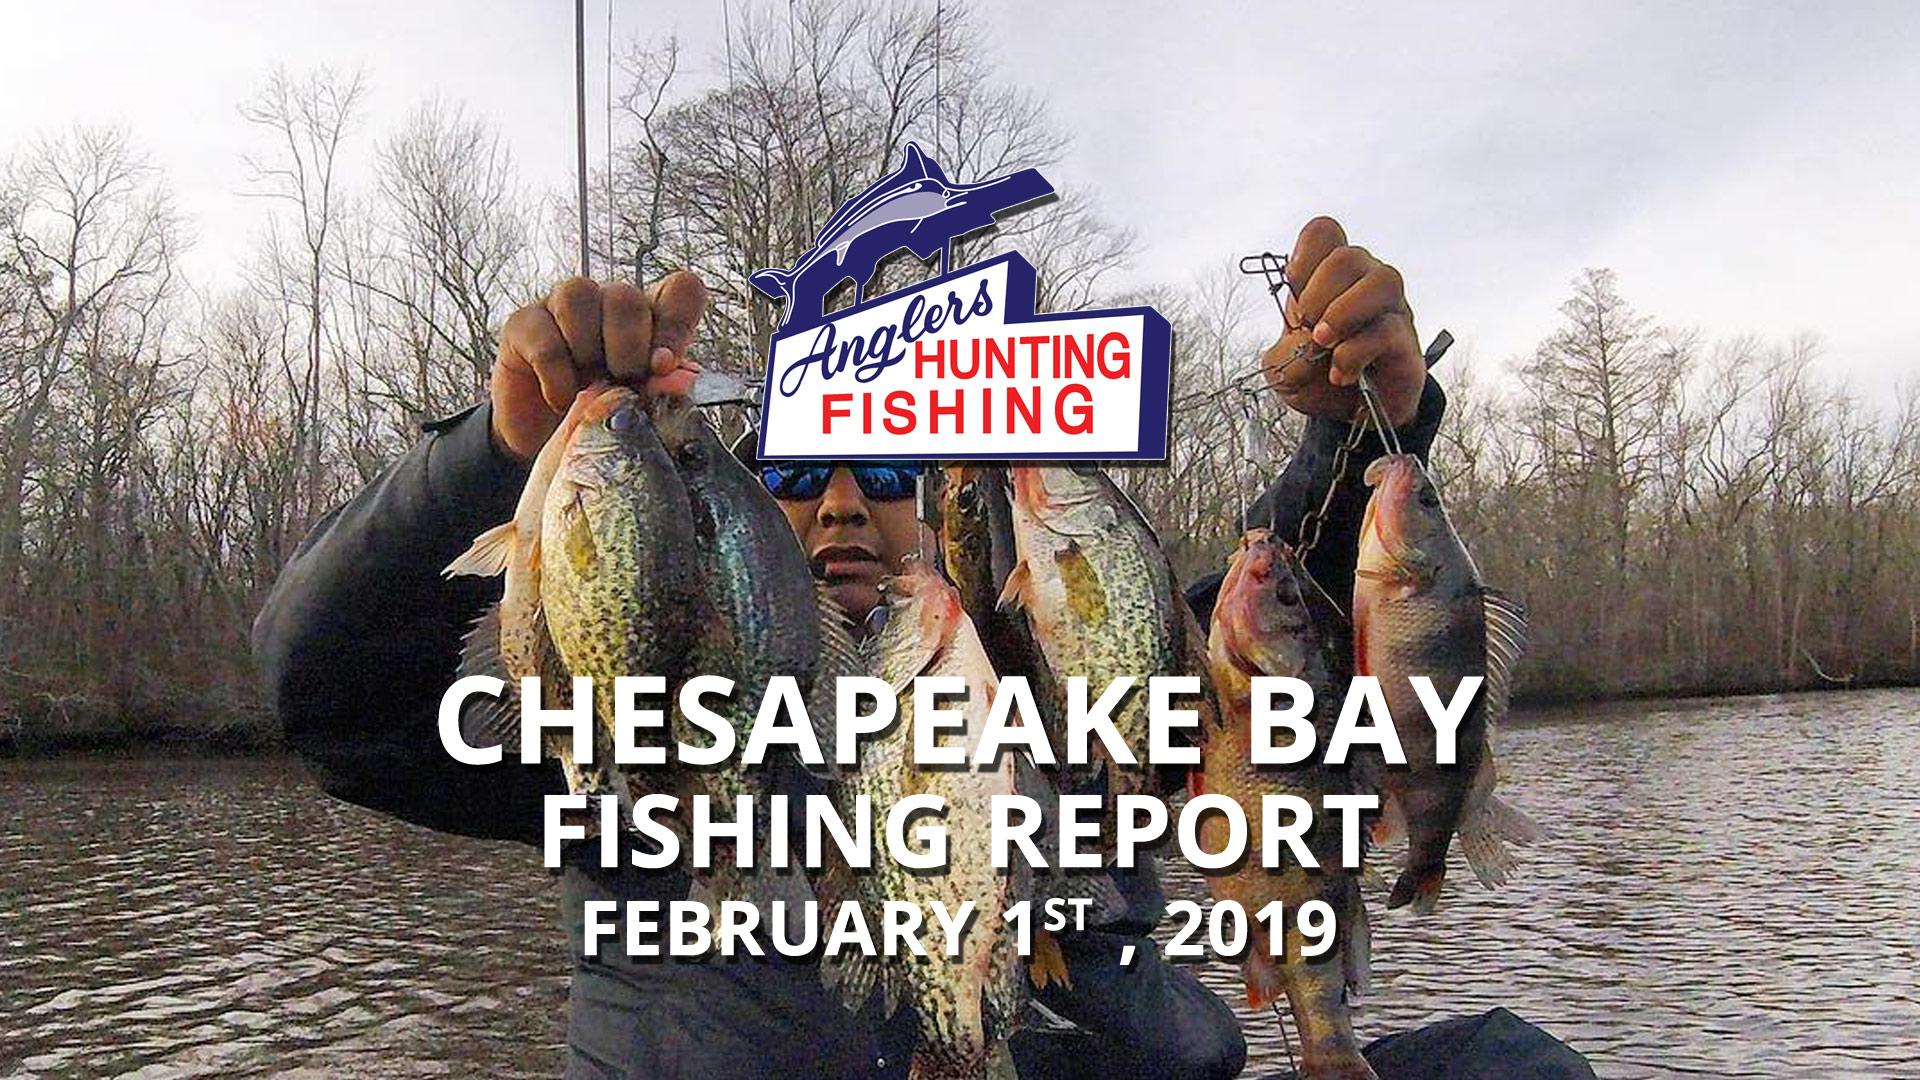 Chesapeake Bay Fishing Report - February 1st, 2019